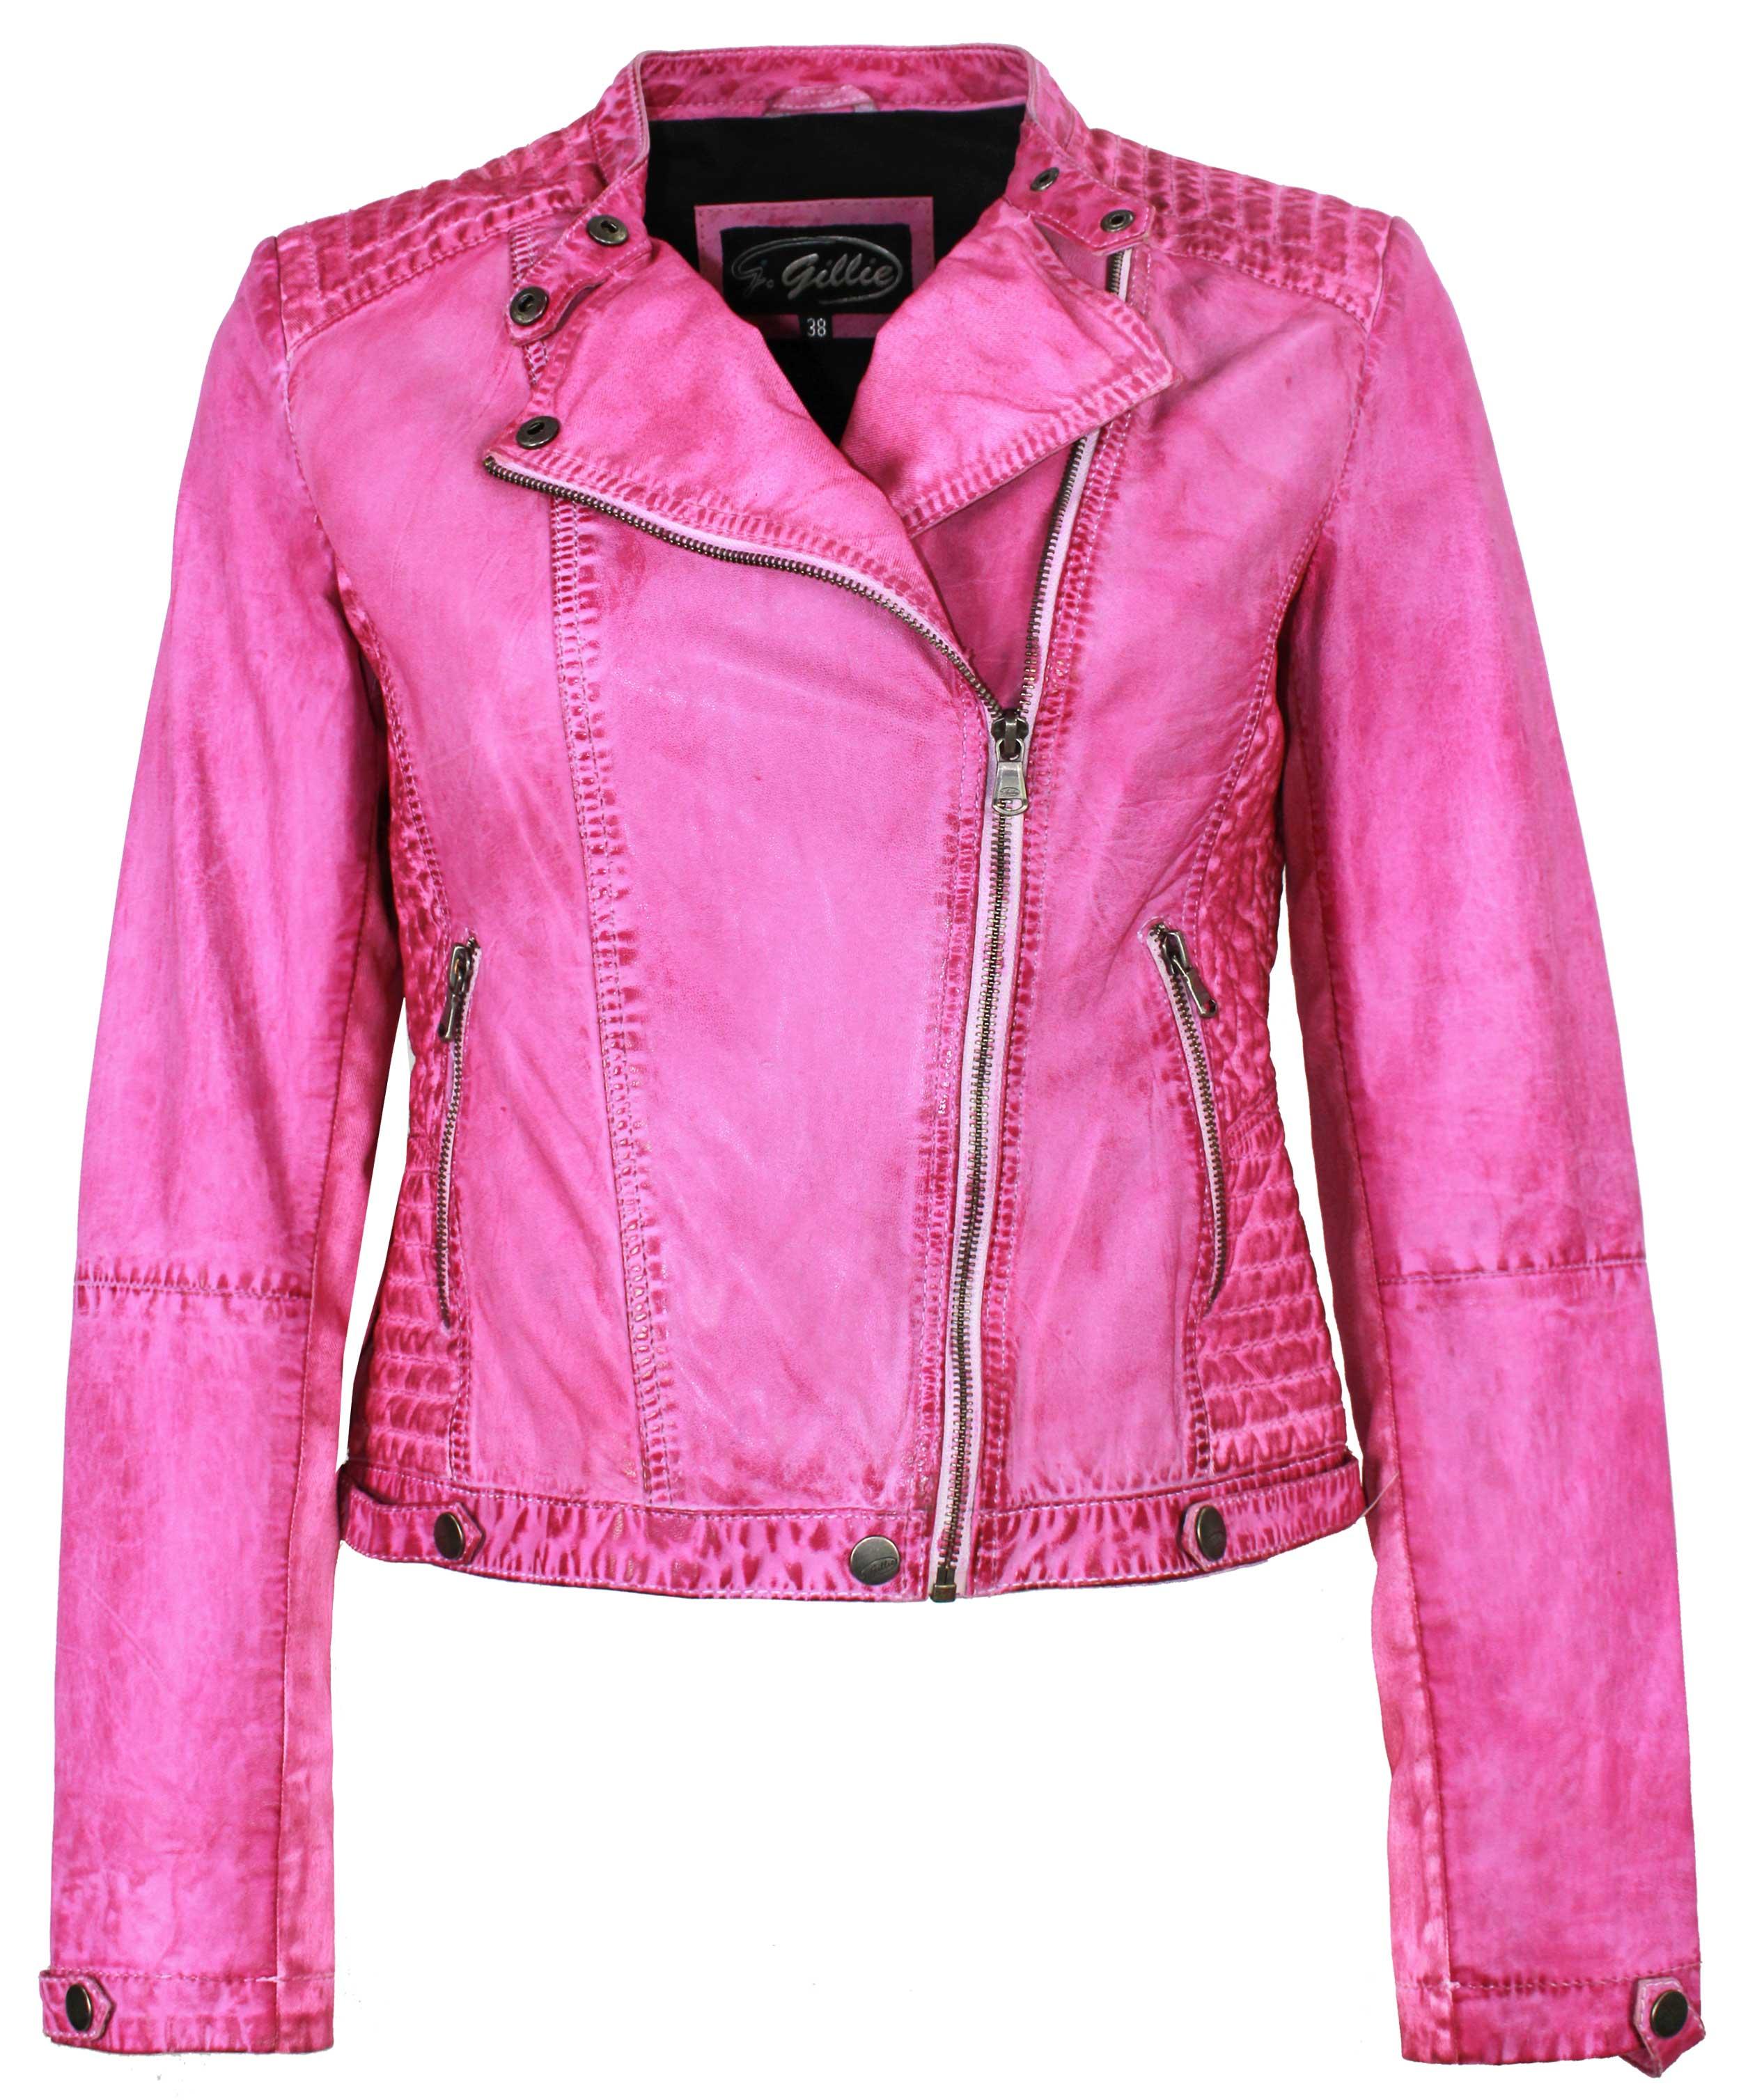 outlet beste Qualität für suche nach neuesten J.Gillie - Damen Lederjacke Bikerjacke Materialmix Lammnappa pink | 99,95  EUR